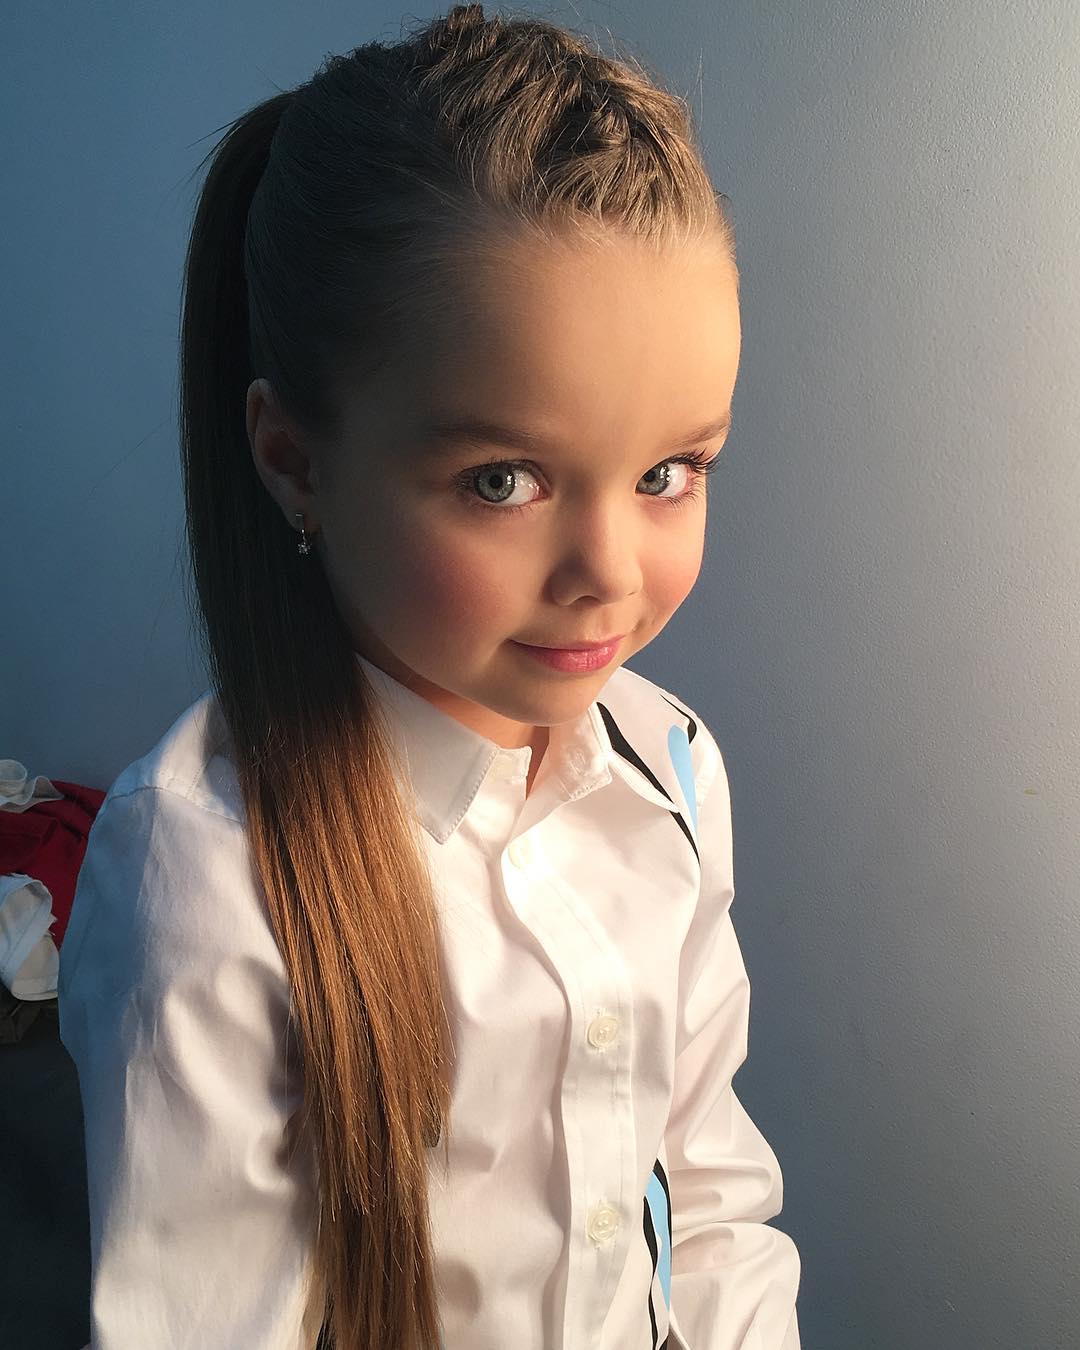 【画像】インスタフォロワー56万人を突破した6歳の美少女、マジで天使みたい